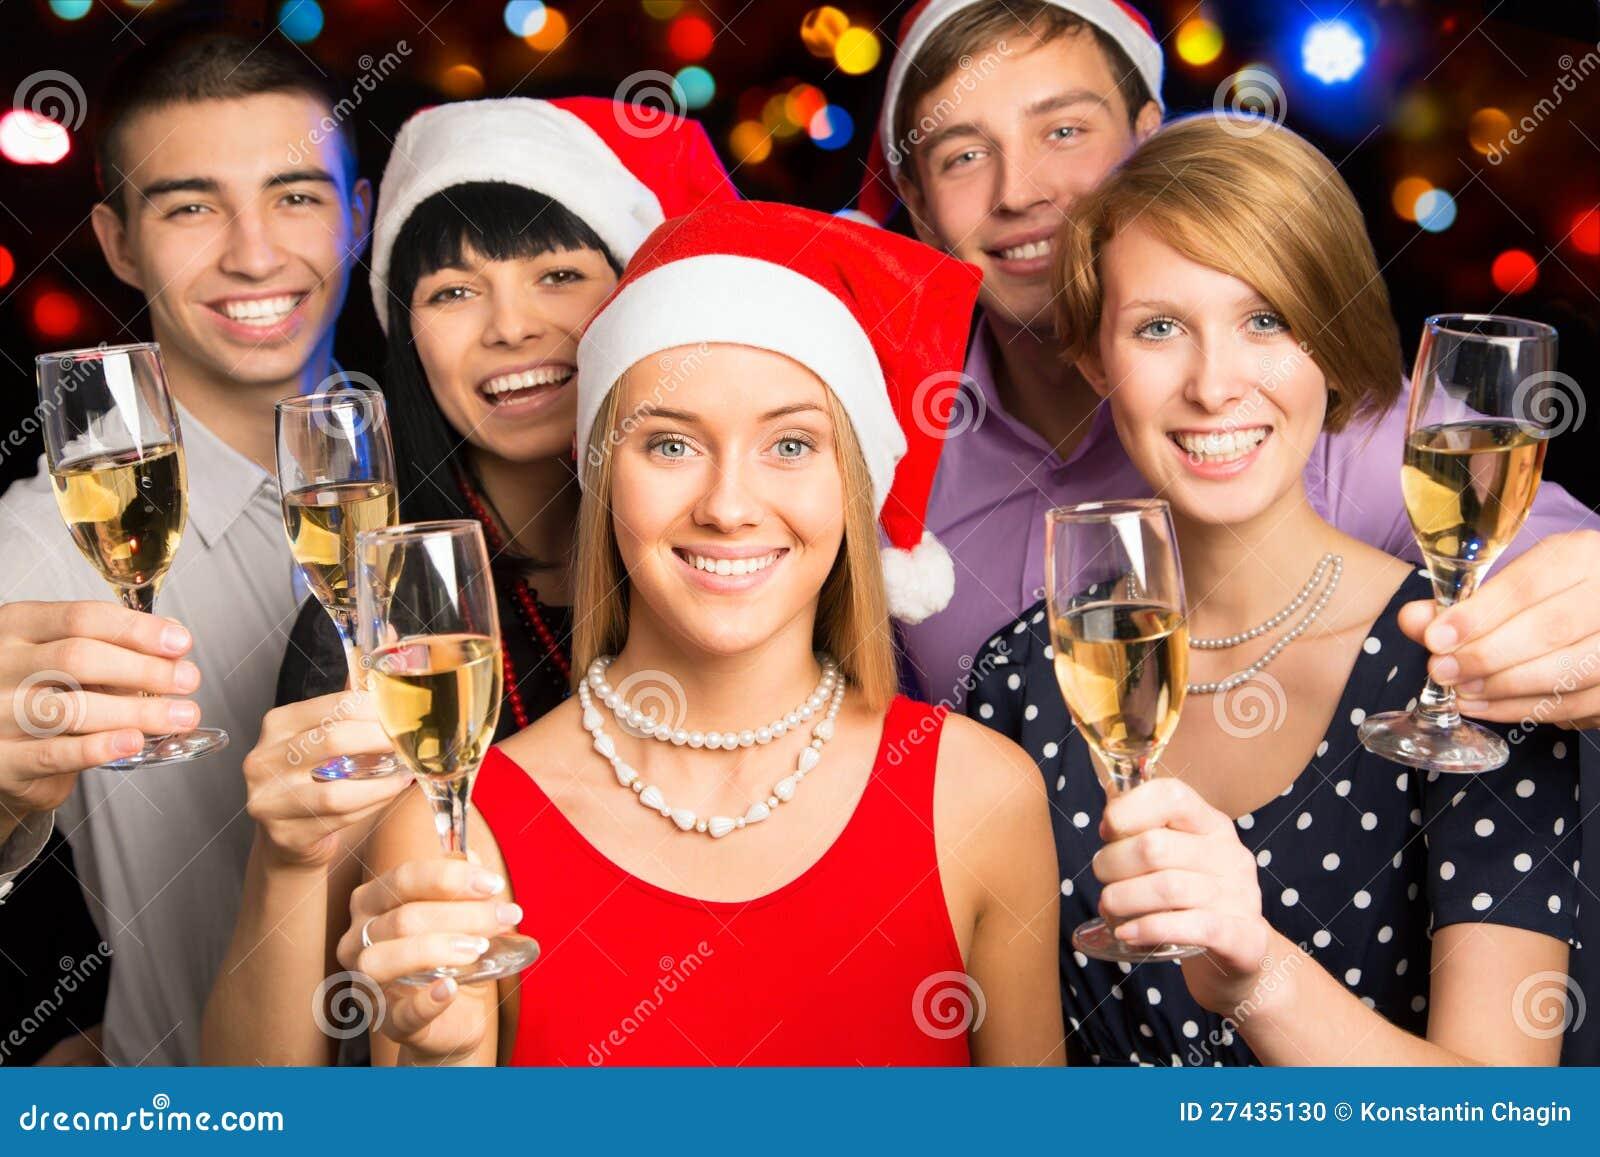 Как встретить новый год большой компании